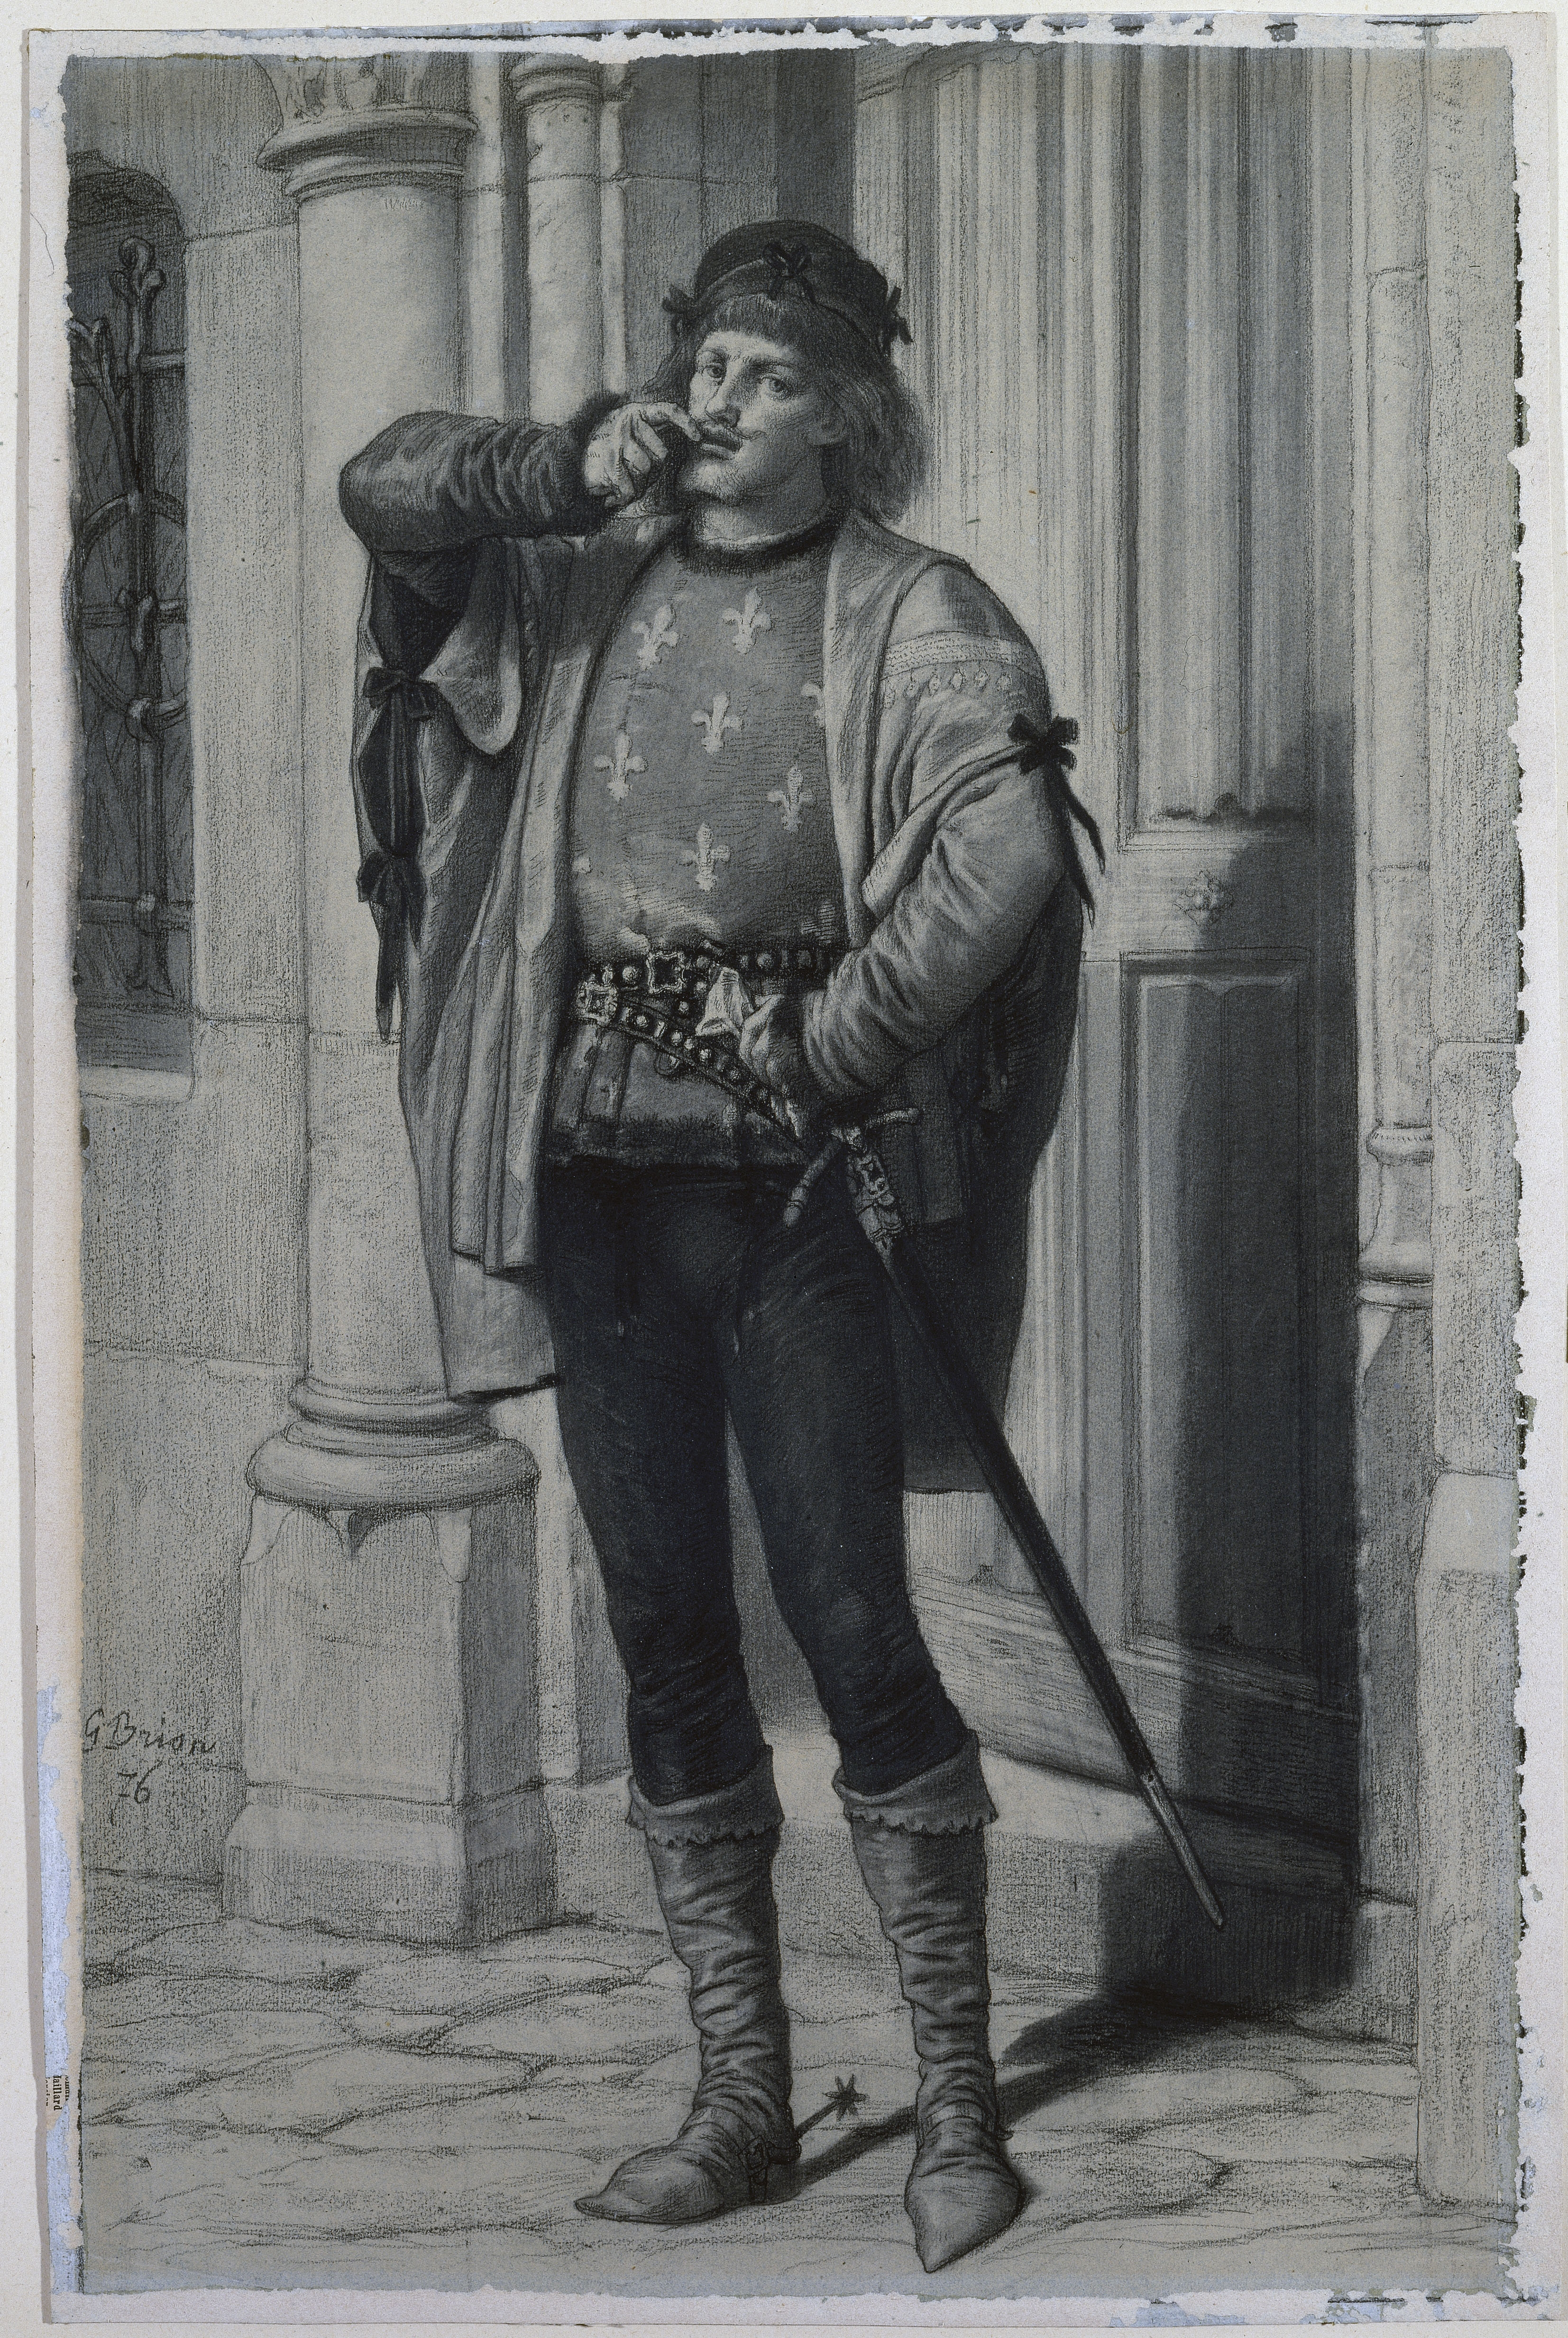 Phoebus De Châteaupers